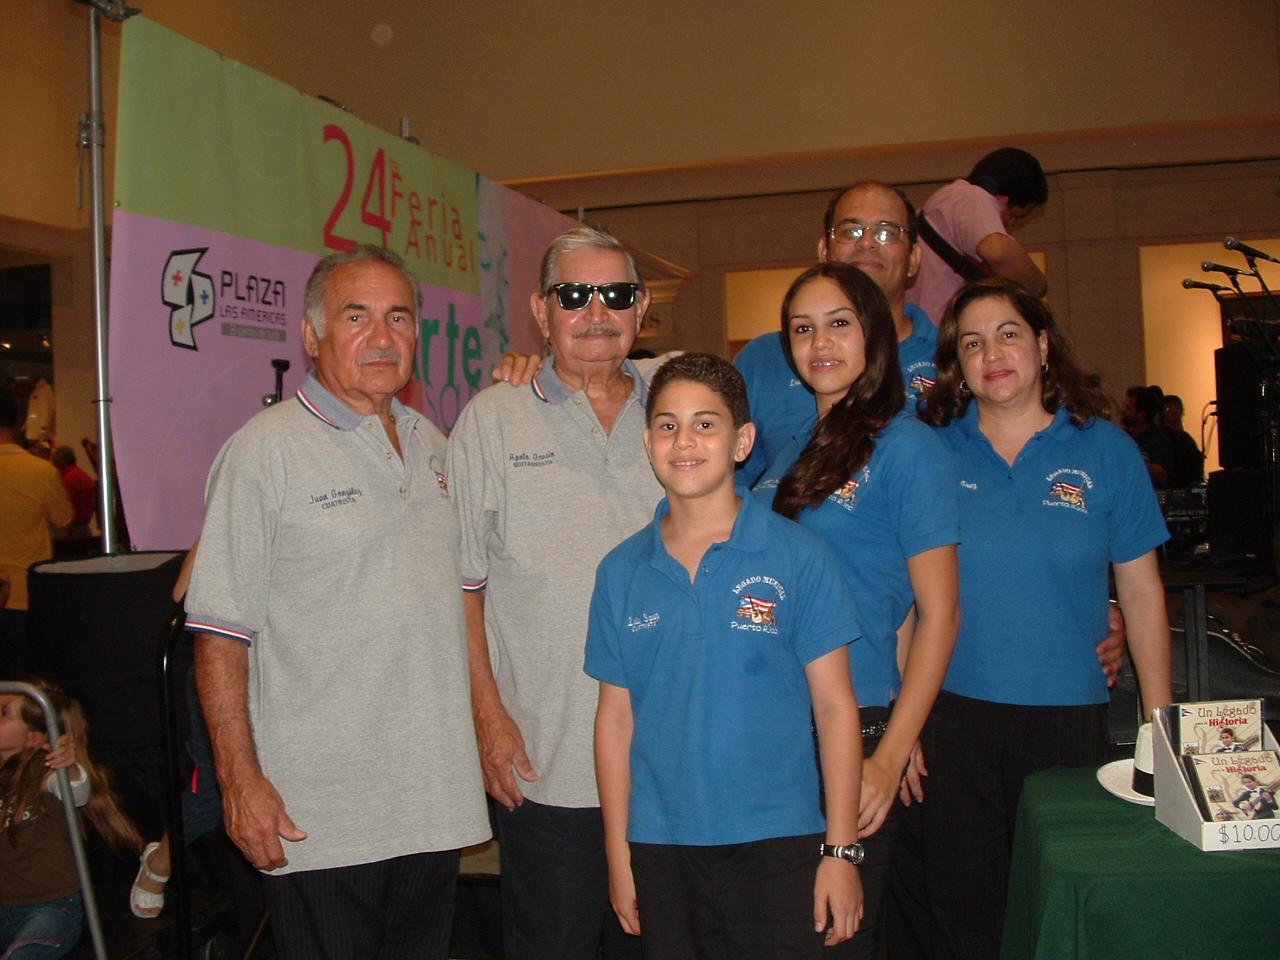 La familia Sanz junto a Polo Ocasio en ocasión de presentar el primer disco de Luis en la XXIV Feria de Artesanías en Plaza Las Américas. (Foto suministrada)